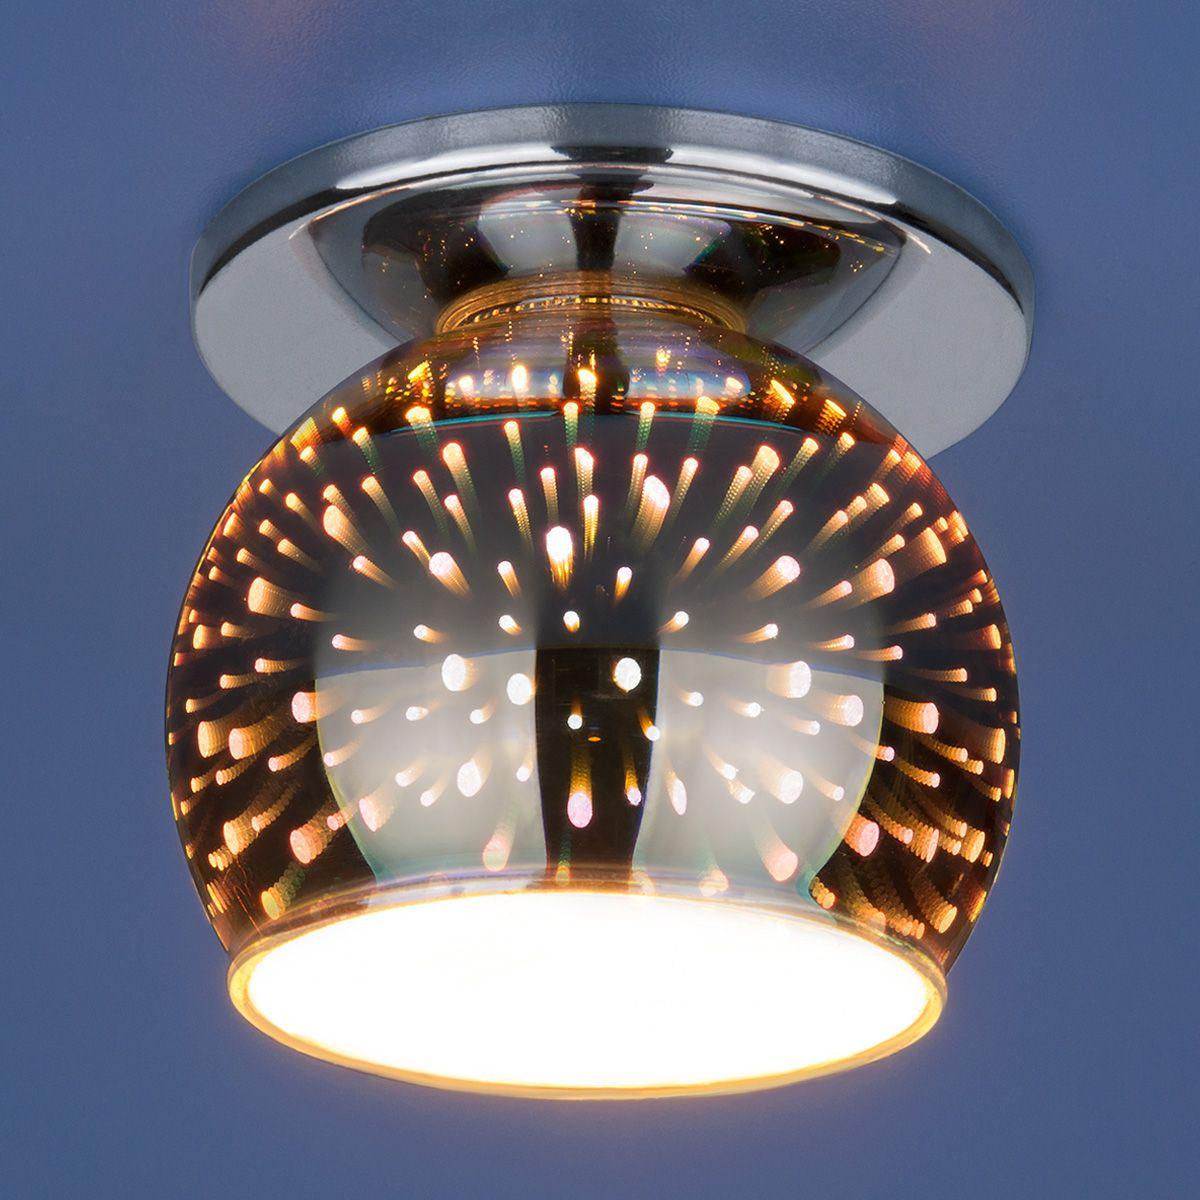 Точечный светильник с плафоном 1103 G9 SL зеркальный